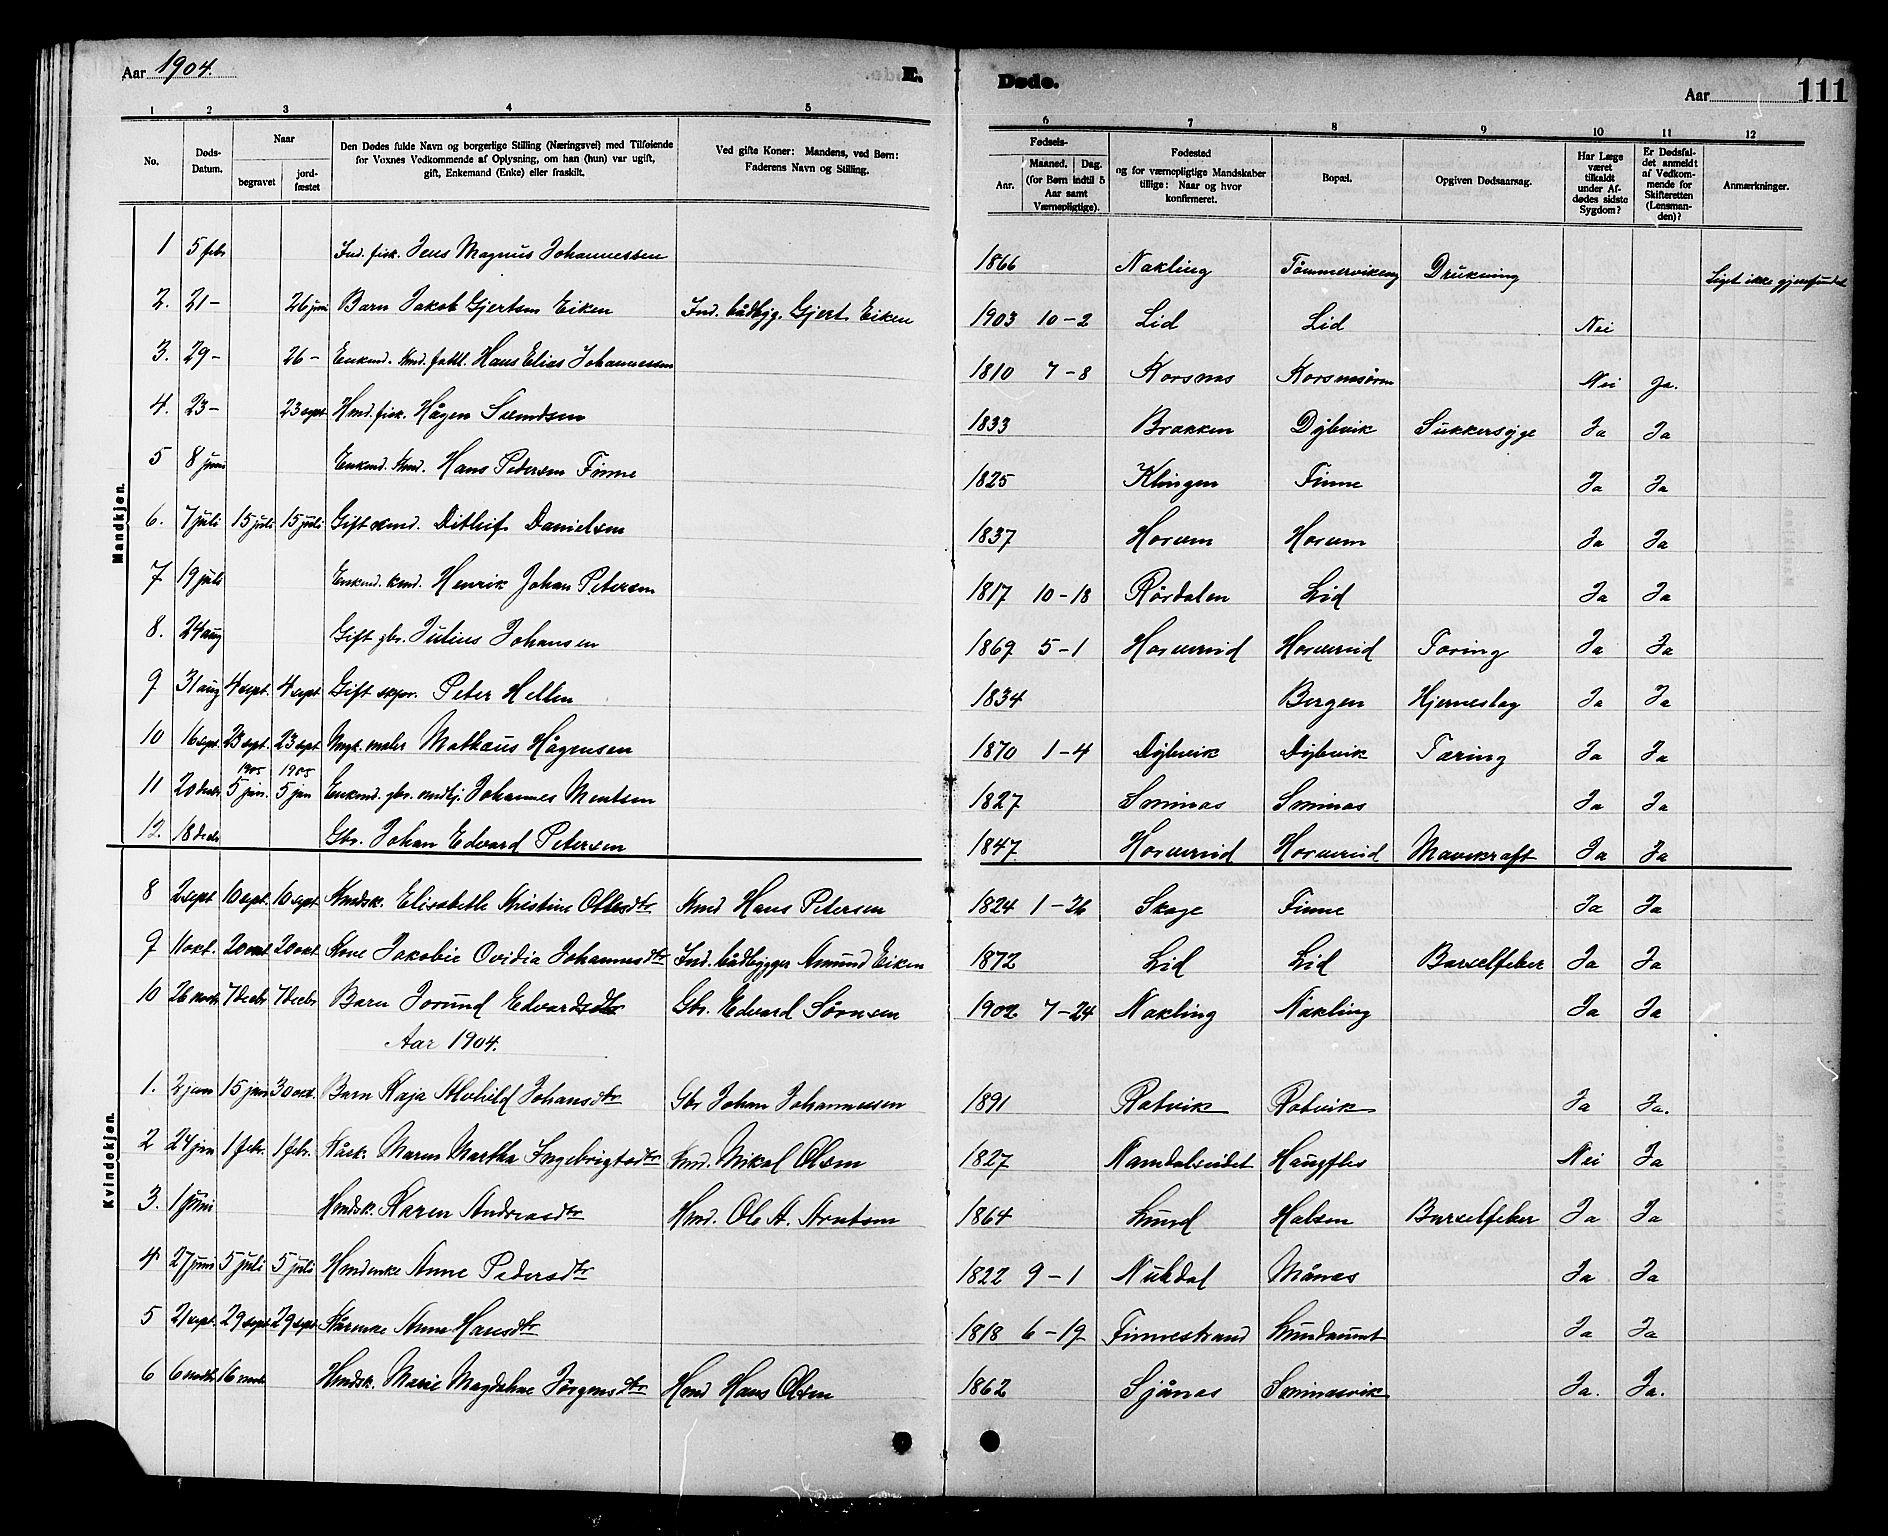 SAT, Ministerialprotokoller, klokkerbøker og fødselsregistre - Nord-Trøndelag, 780/L0652: Klokkerbok nr. 780C04, 1899-1911, s. 111